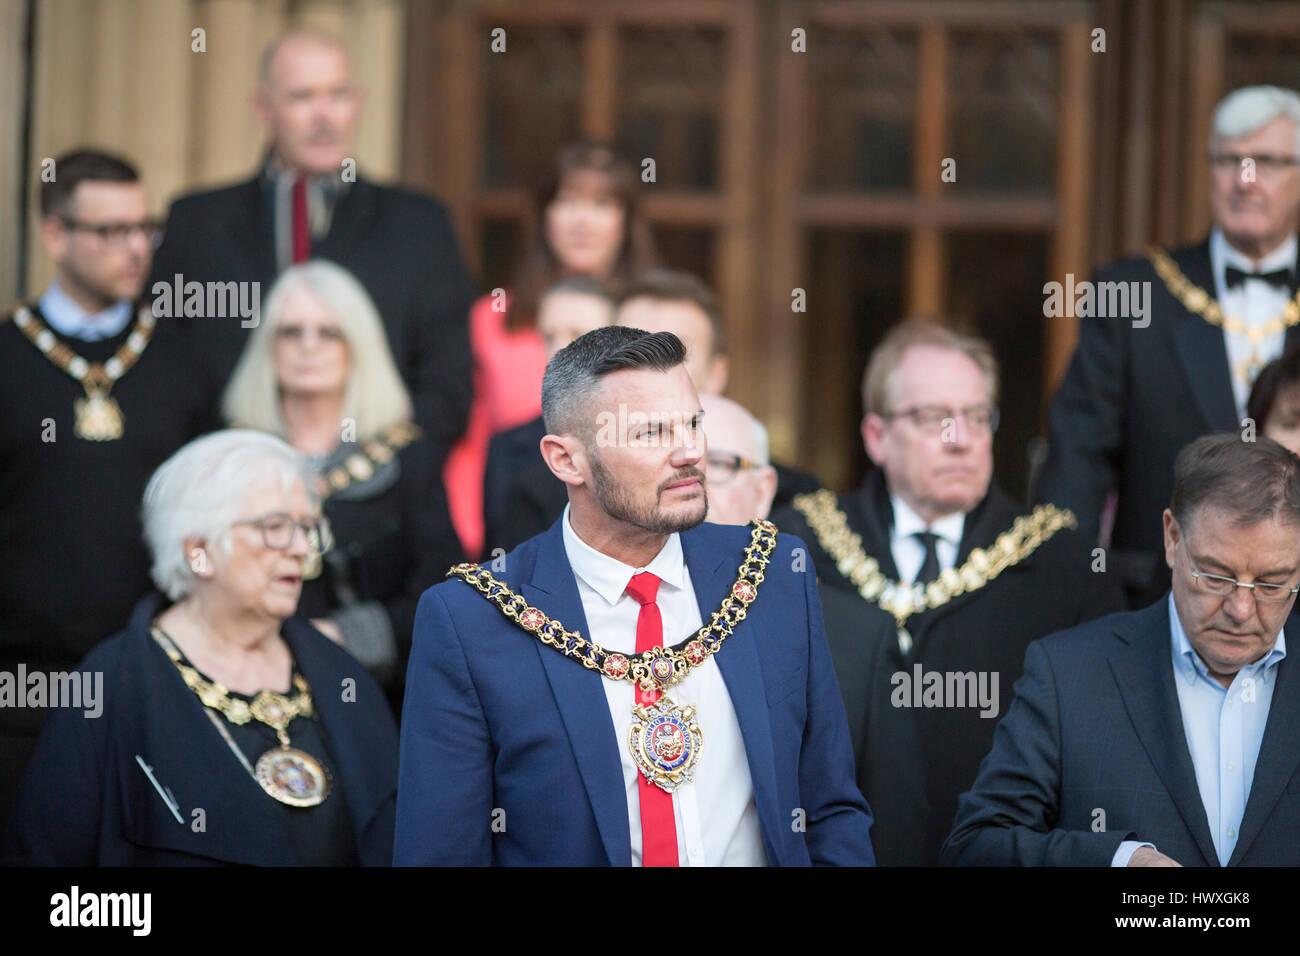 Eine Mahnwache ist in Albert Square, Manchester City Centre statt. Der Oberbürgermeister von Manchester Stadtrat Stockbild